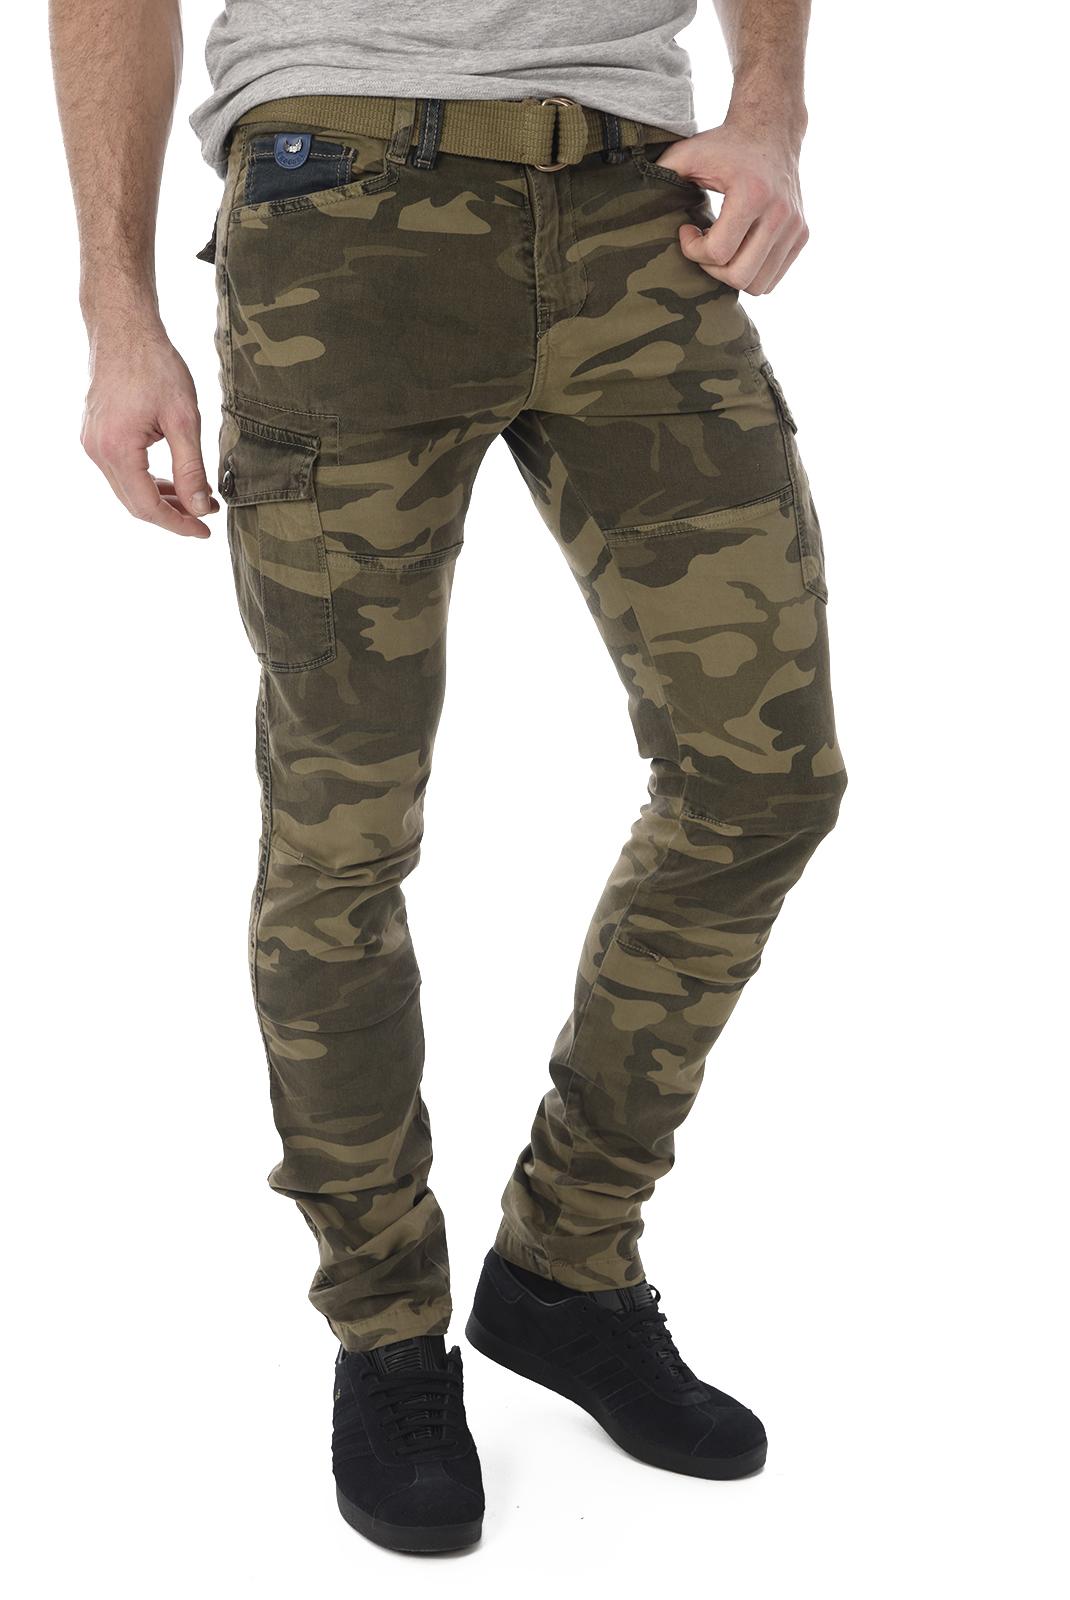 Pantalons chino/citadin  Kaporal KALI GREEN CAMOU